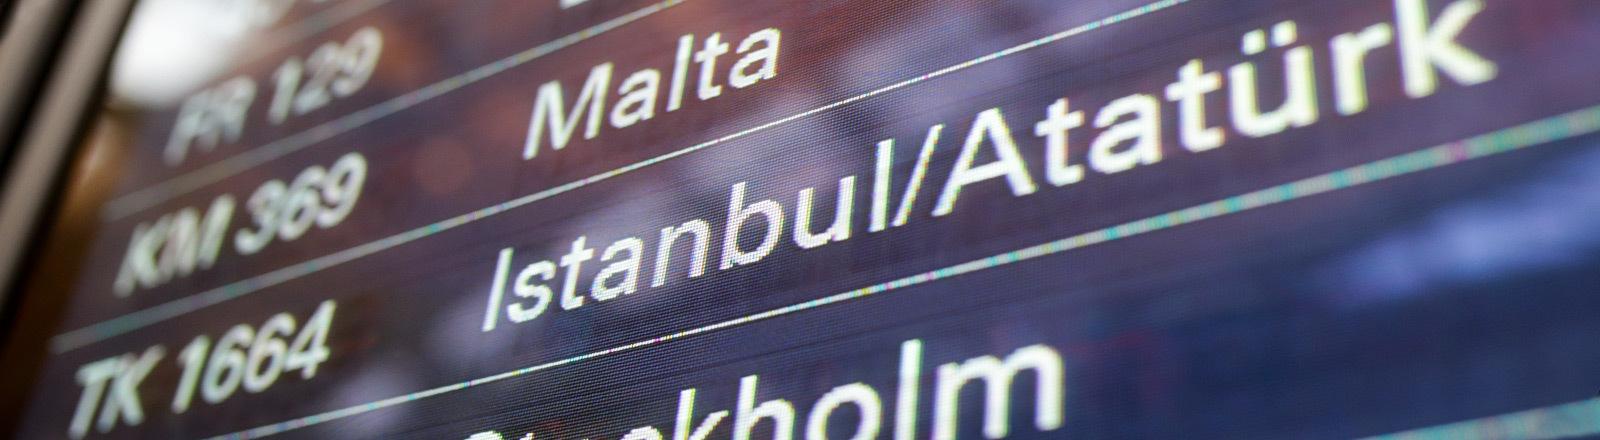 Anzeigetafel am Flughafen.